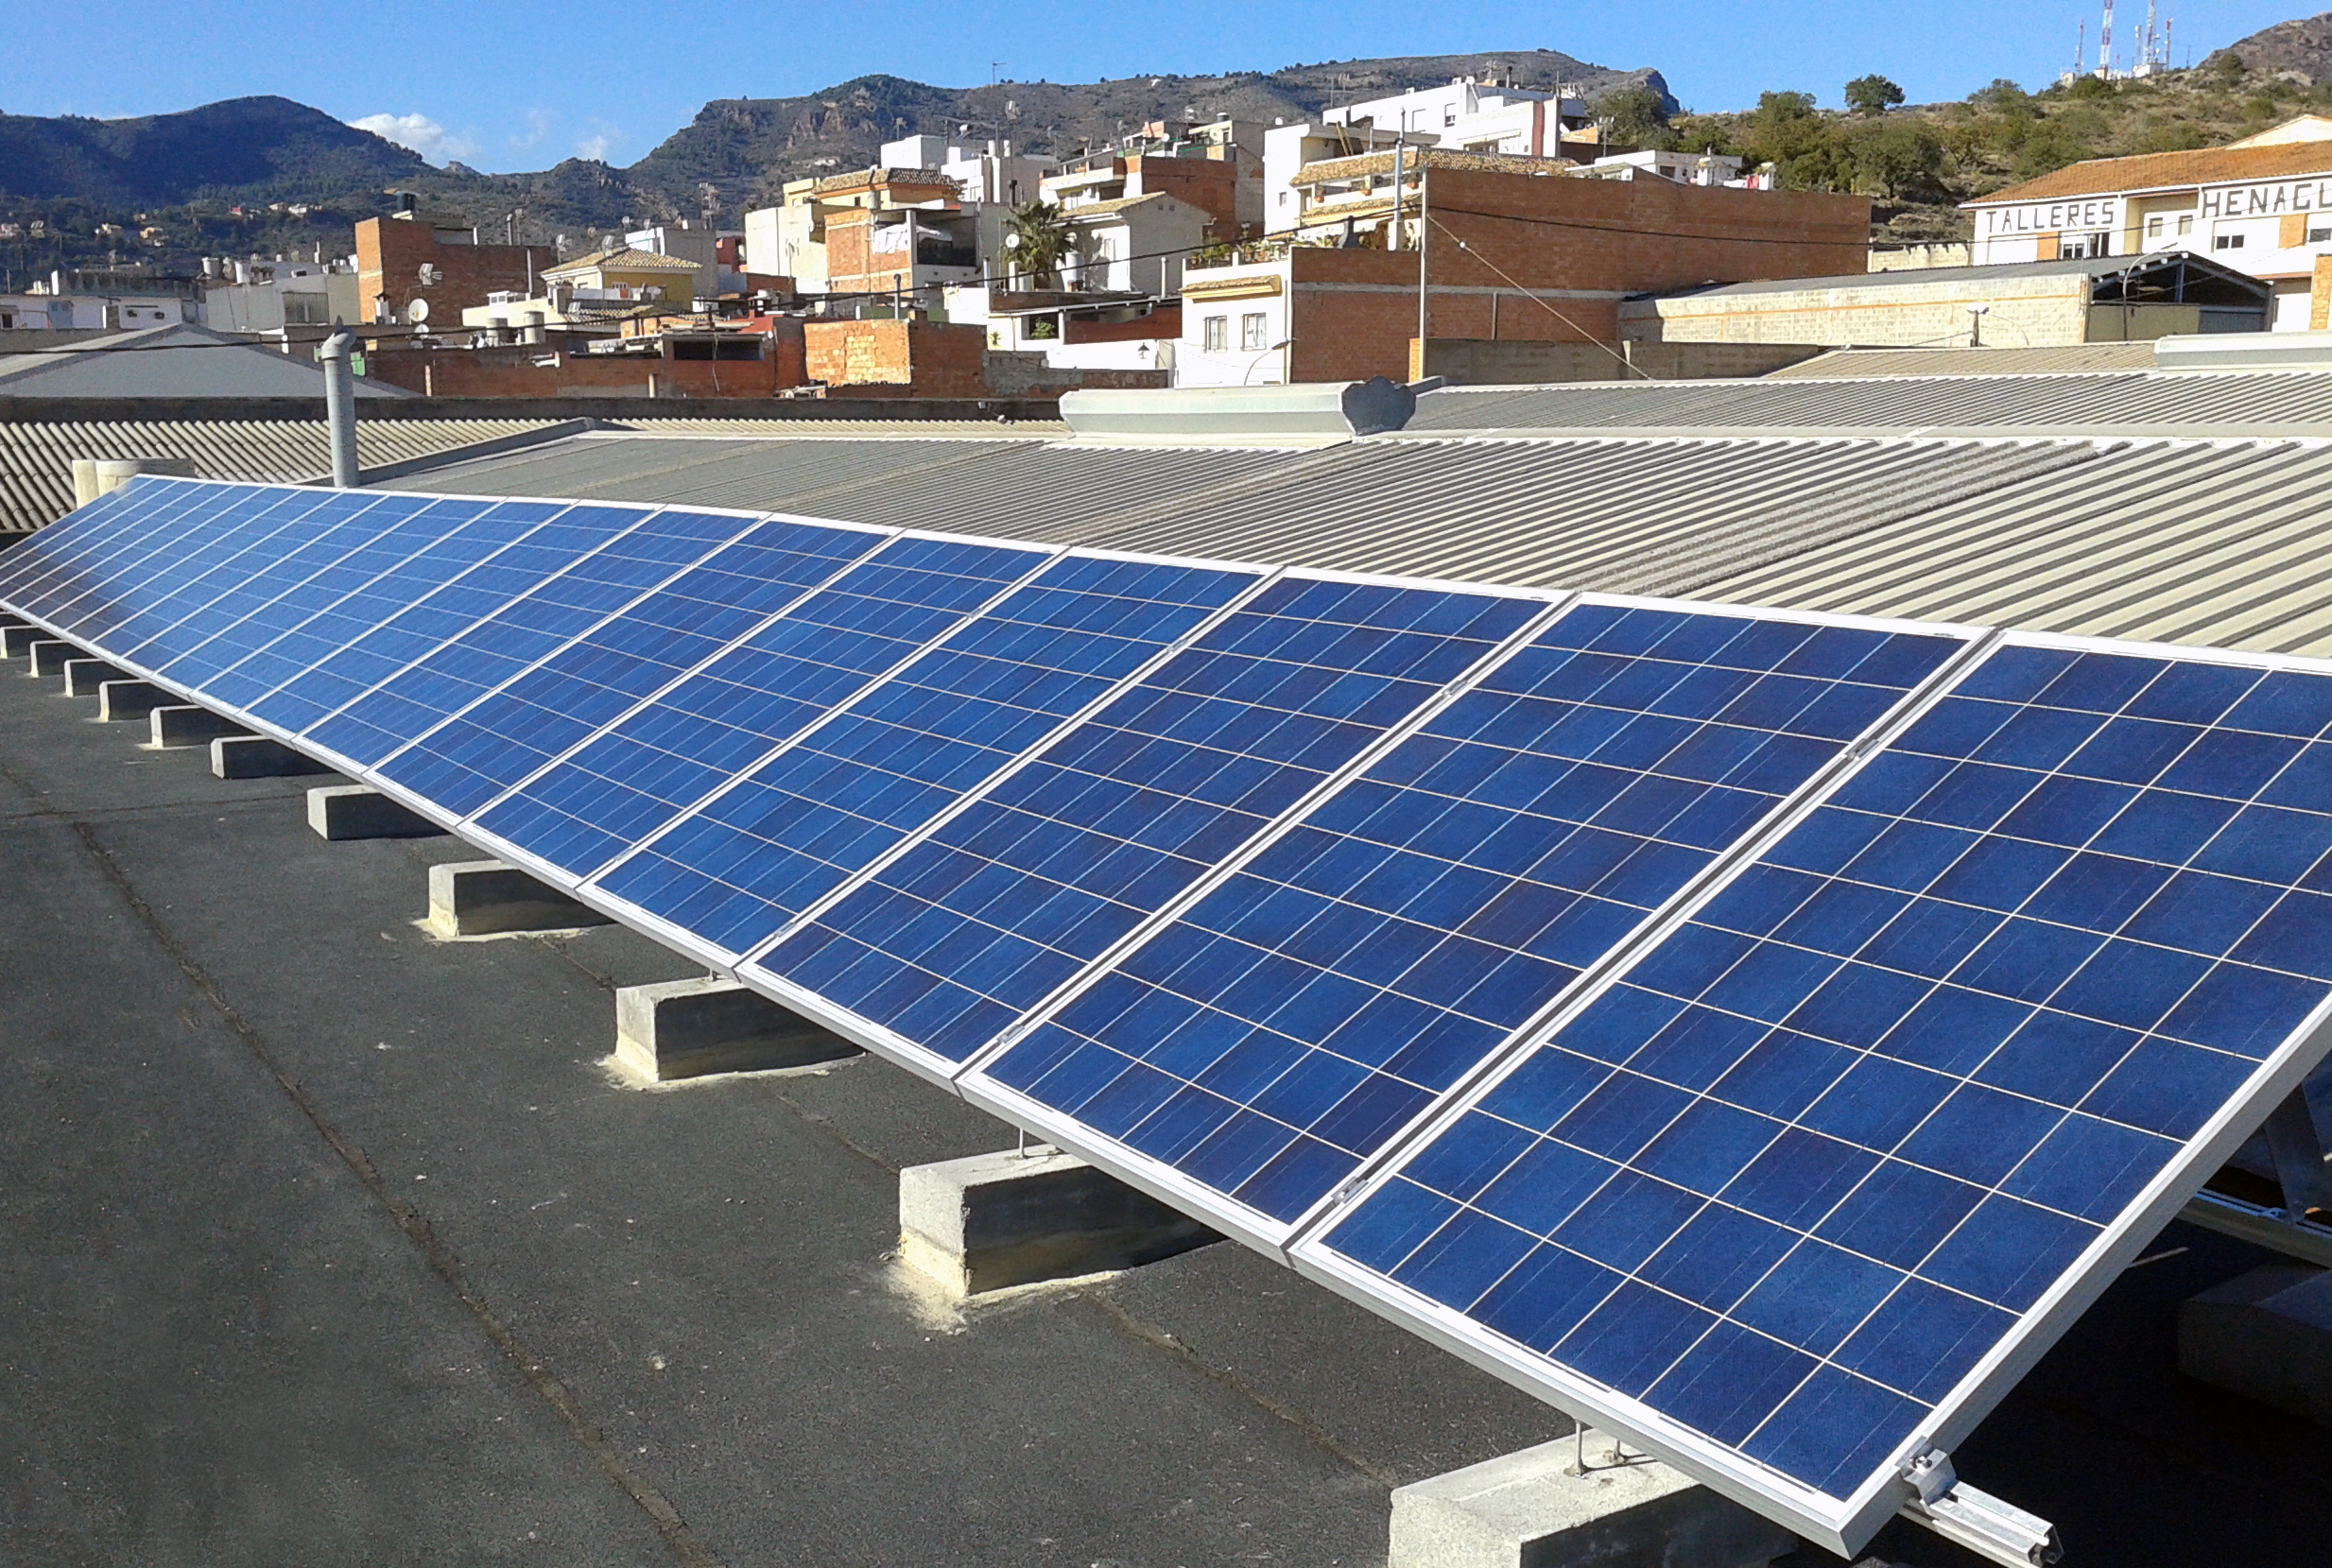 Tejados de energía solar fotovoltaica compartidos entre la ciudadanía